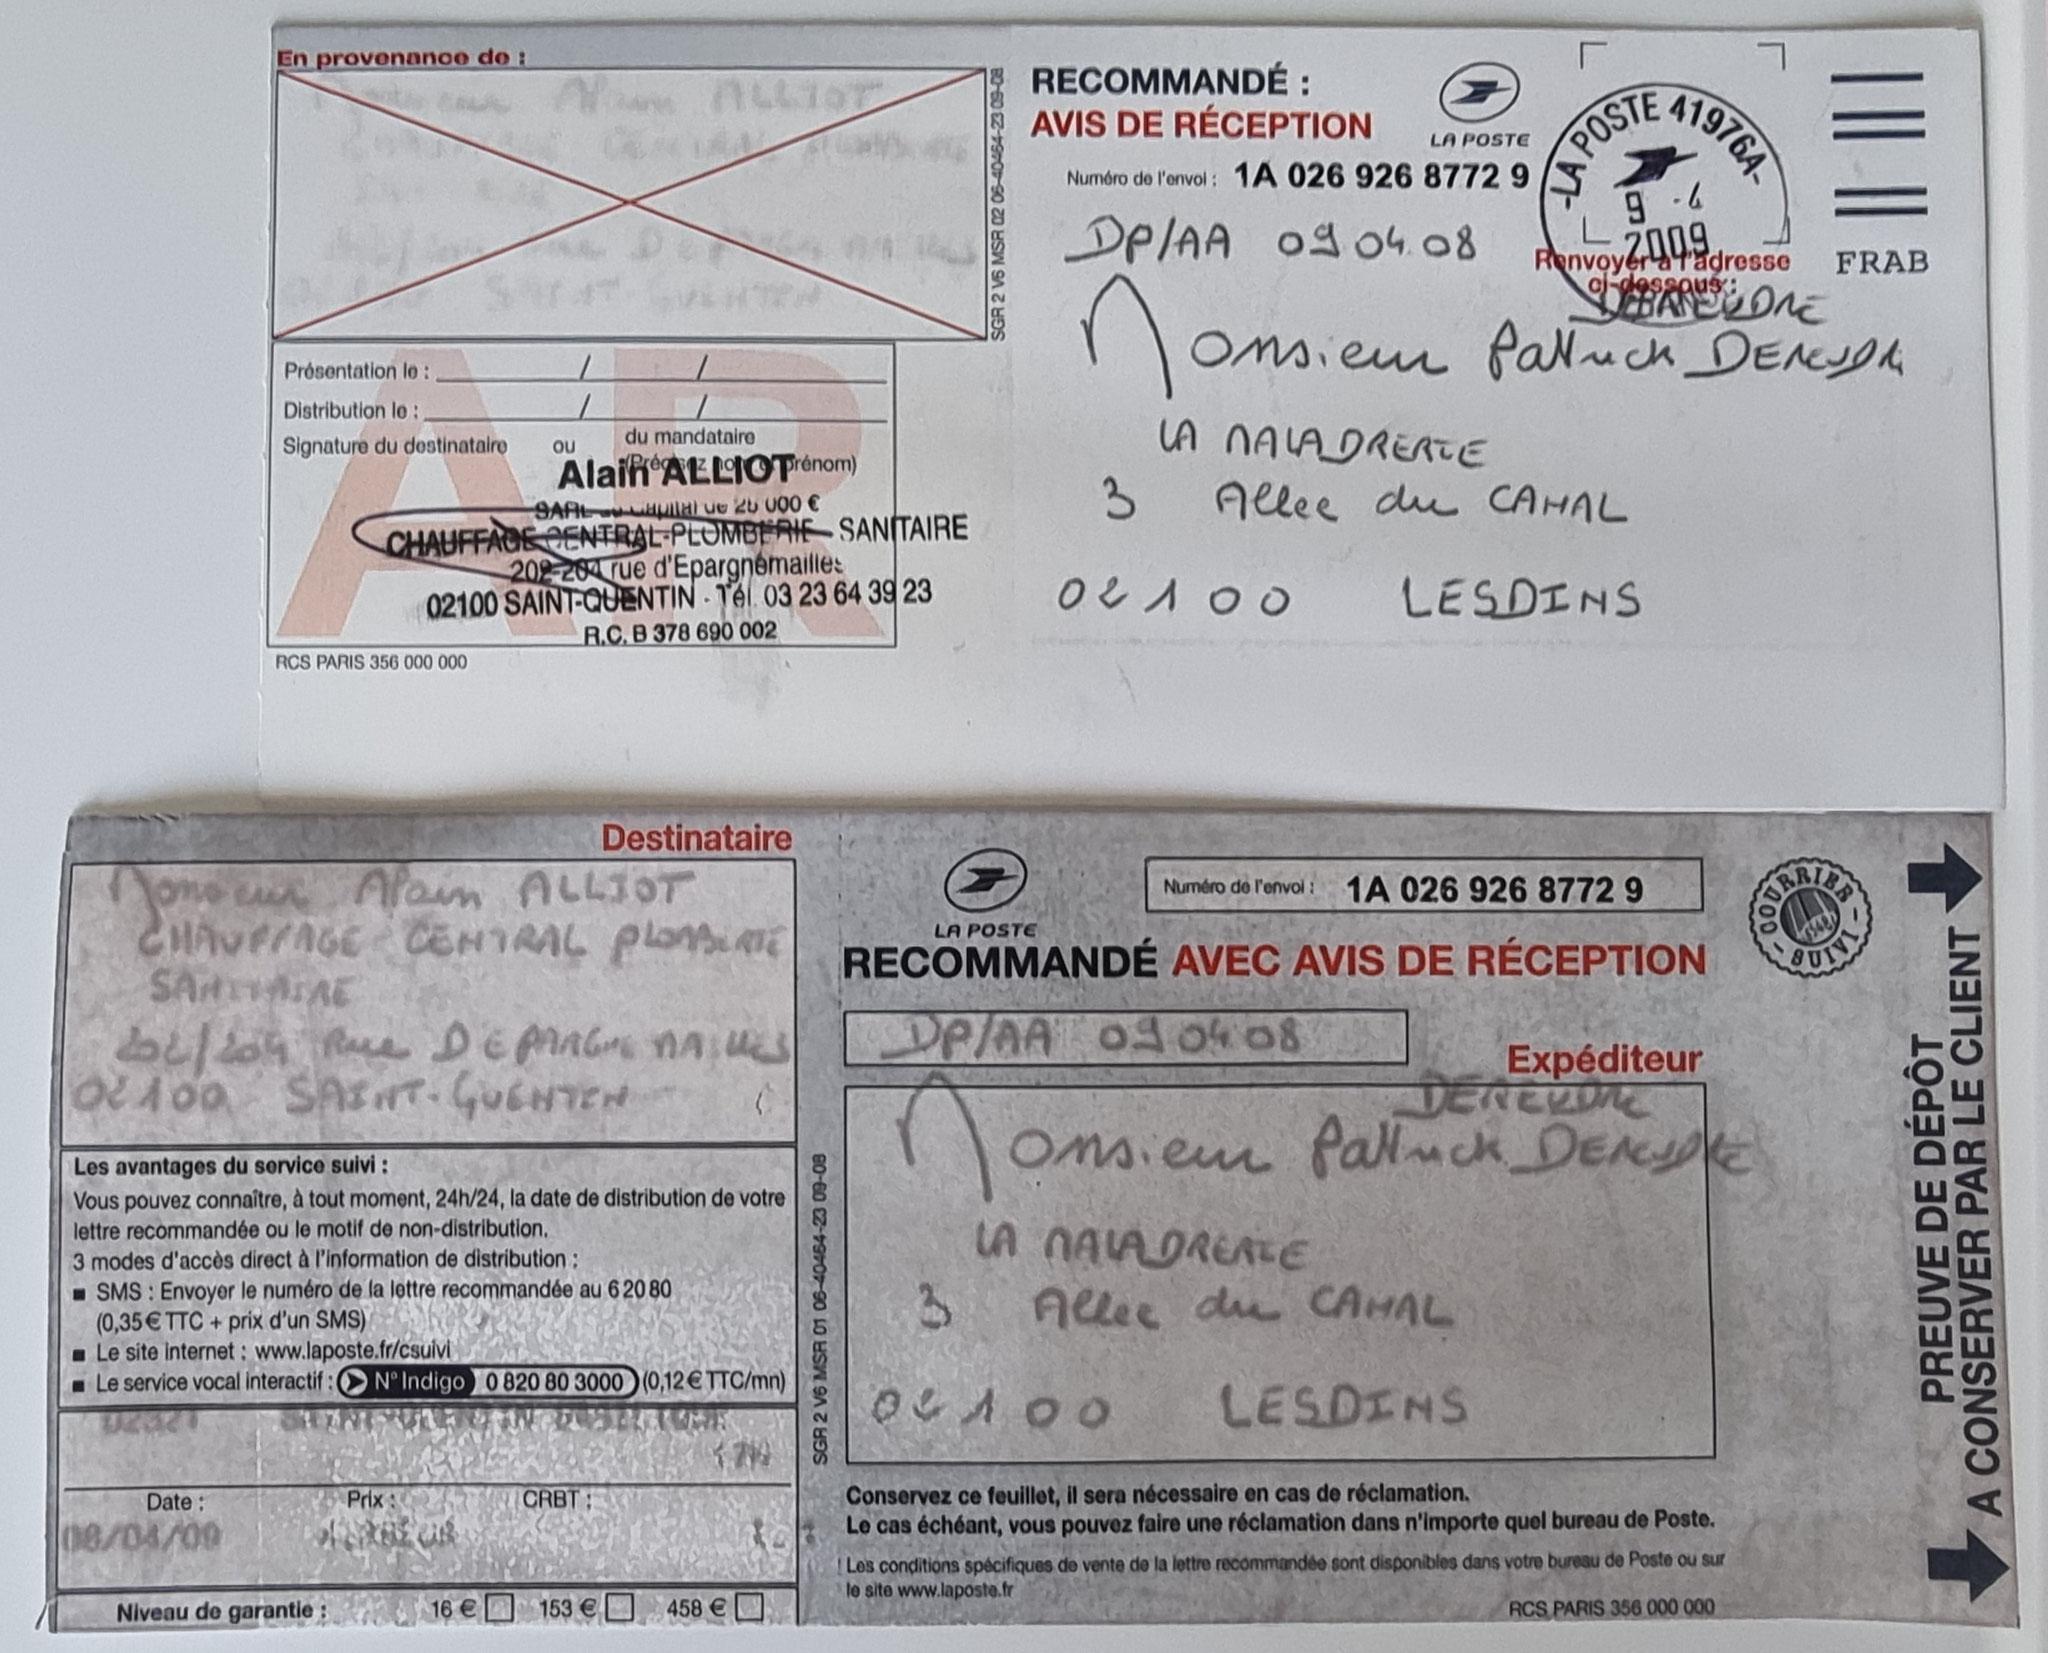 Le 08 Avril 2009 j'adresse une LRAR à Monsieur Alain ALLIOT.     INACCEPTABLE  BORDERLINE      EXPERTISES JUDICIAIRES ENTRE COPAINS...  www.jenesuispasunchien.fr www.jesuispatrick.fr